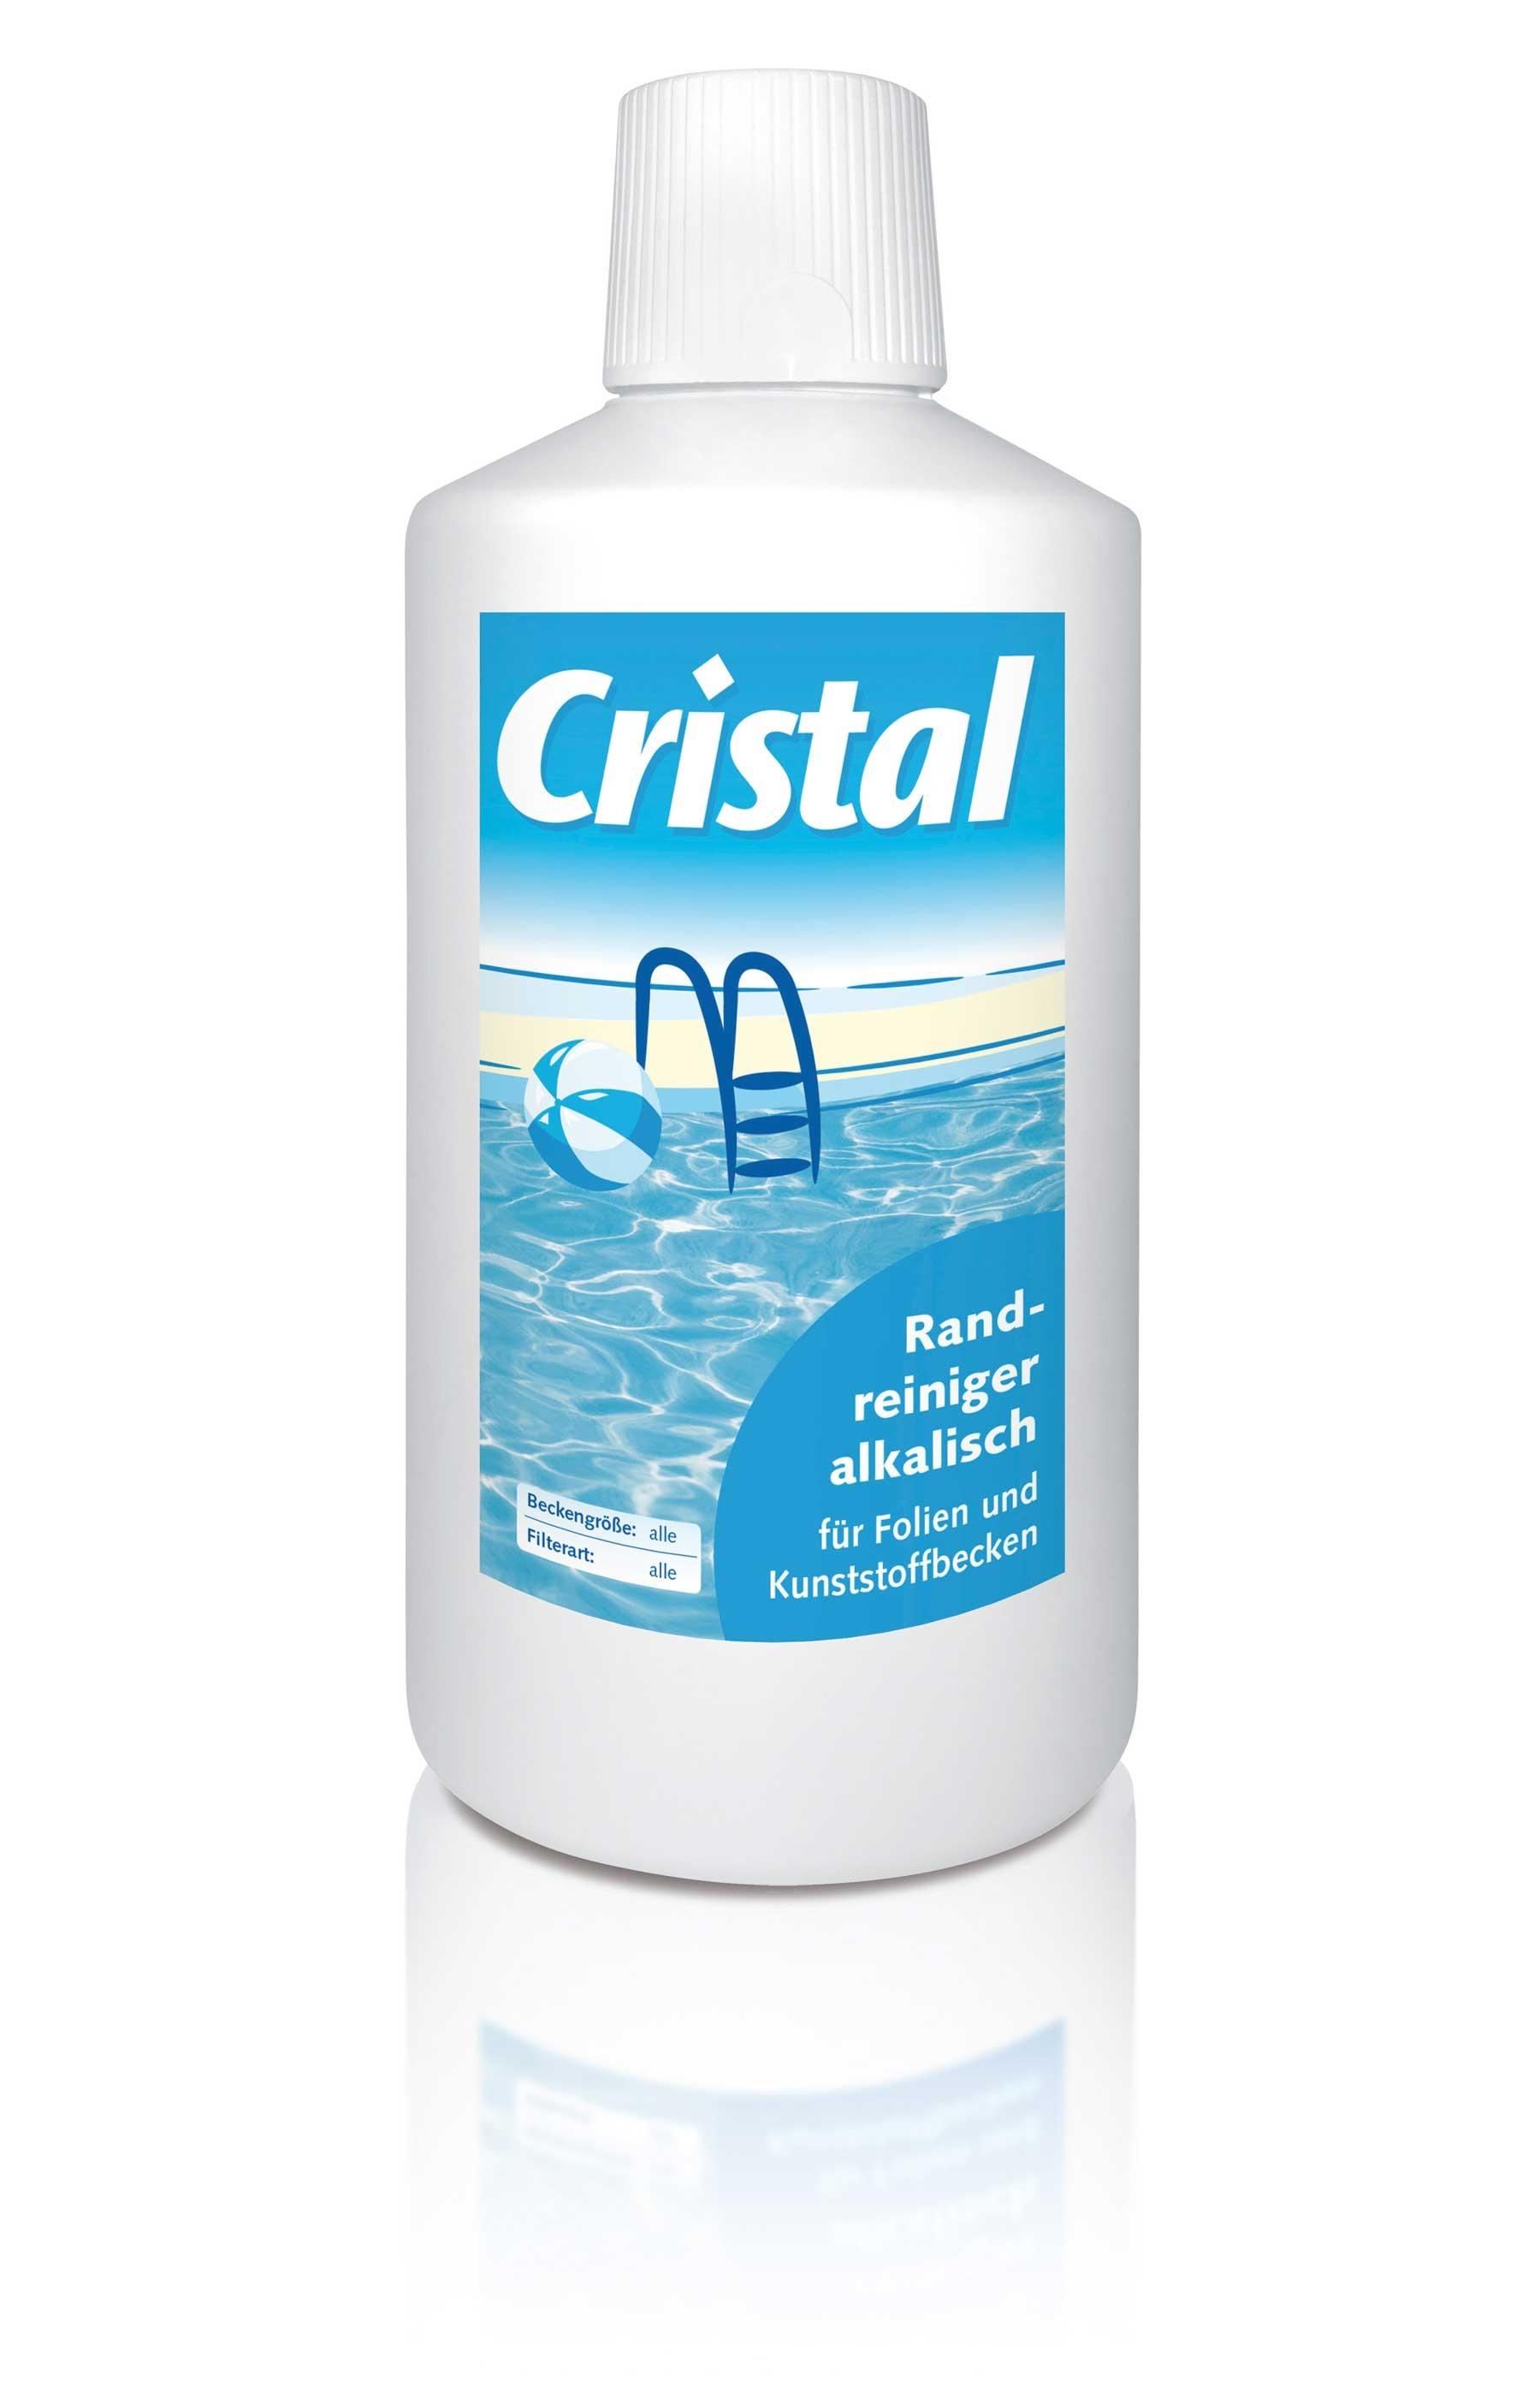 Cristal Randreiniger alkalisch